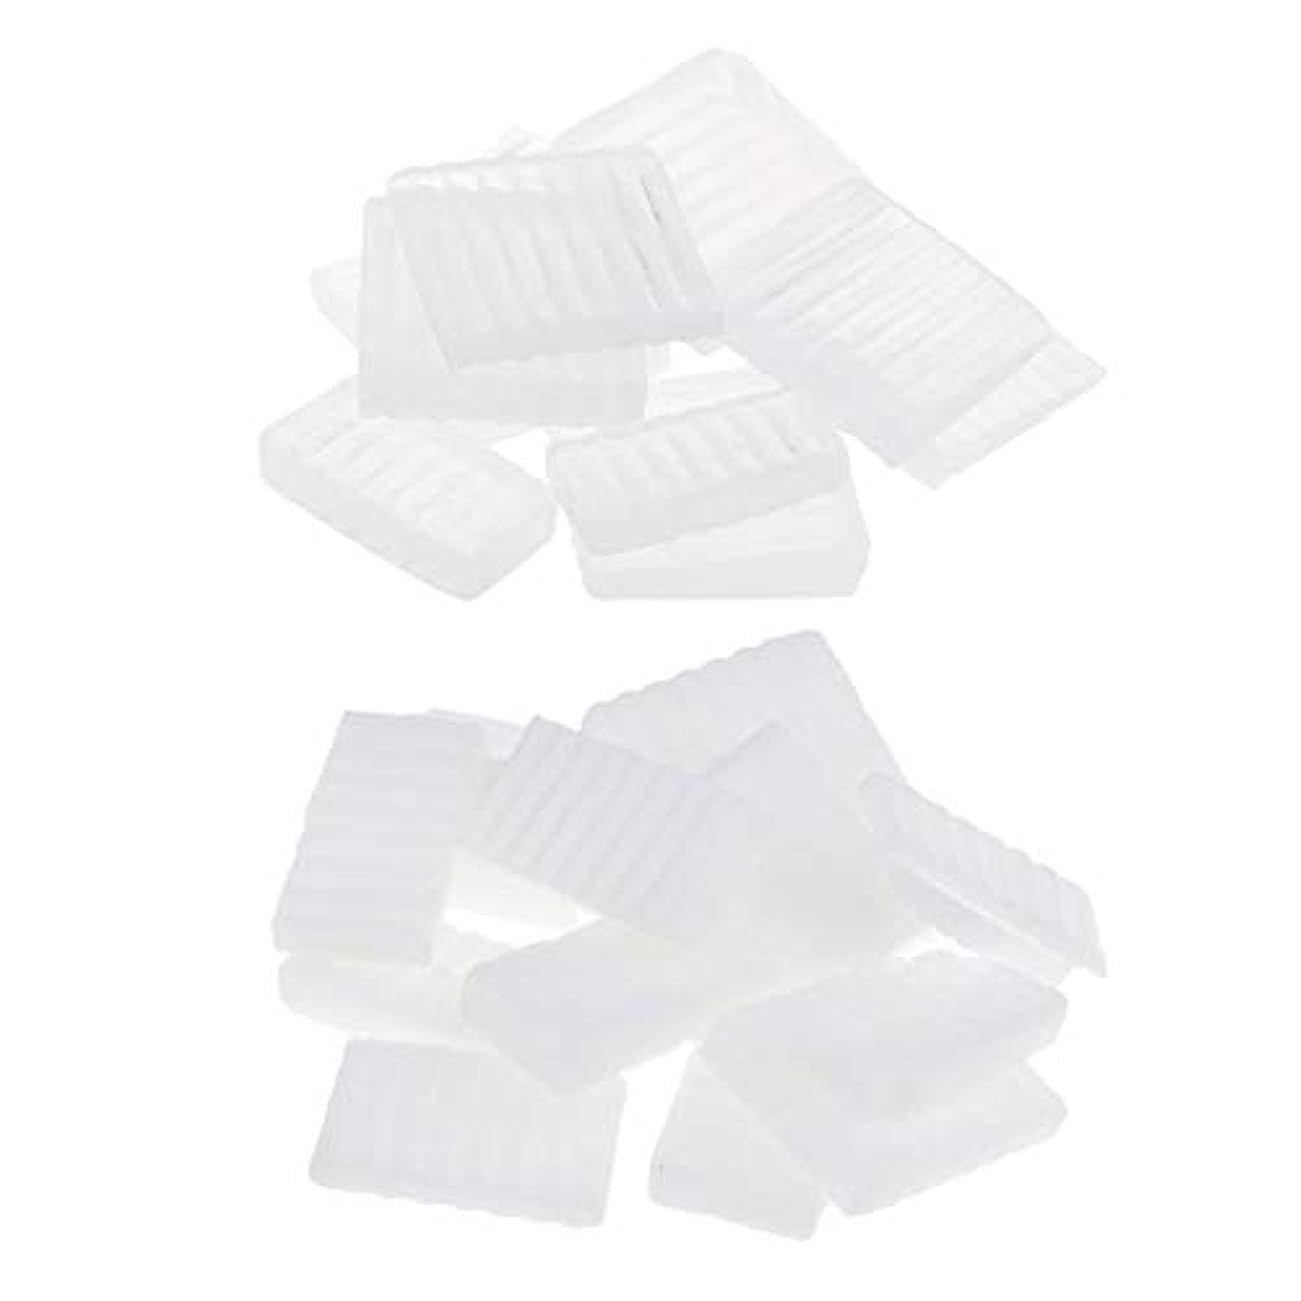 流遷移巡礼者D DOLITY 石鹸作り 1000g 白色 石鹸ベース DIY ハンドメイド 石鹸材料